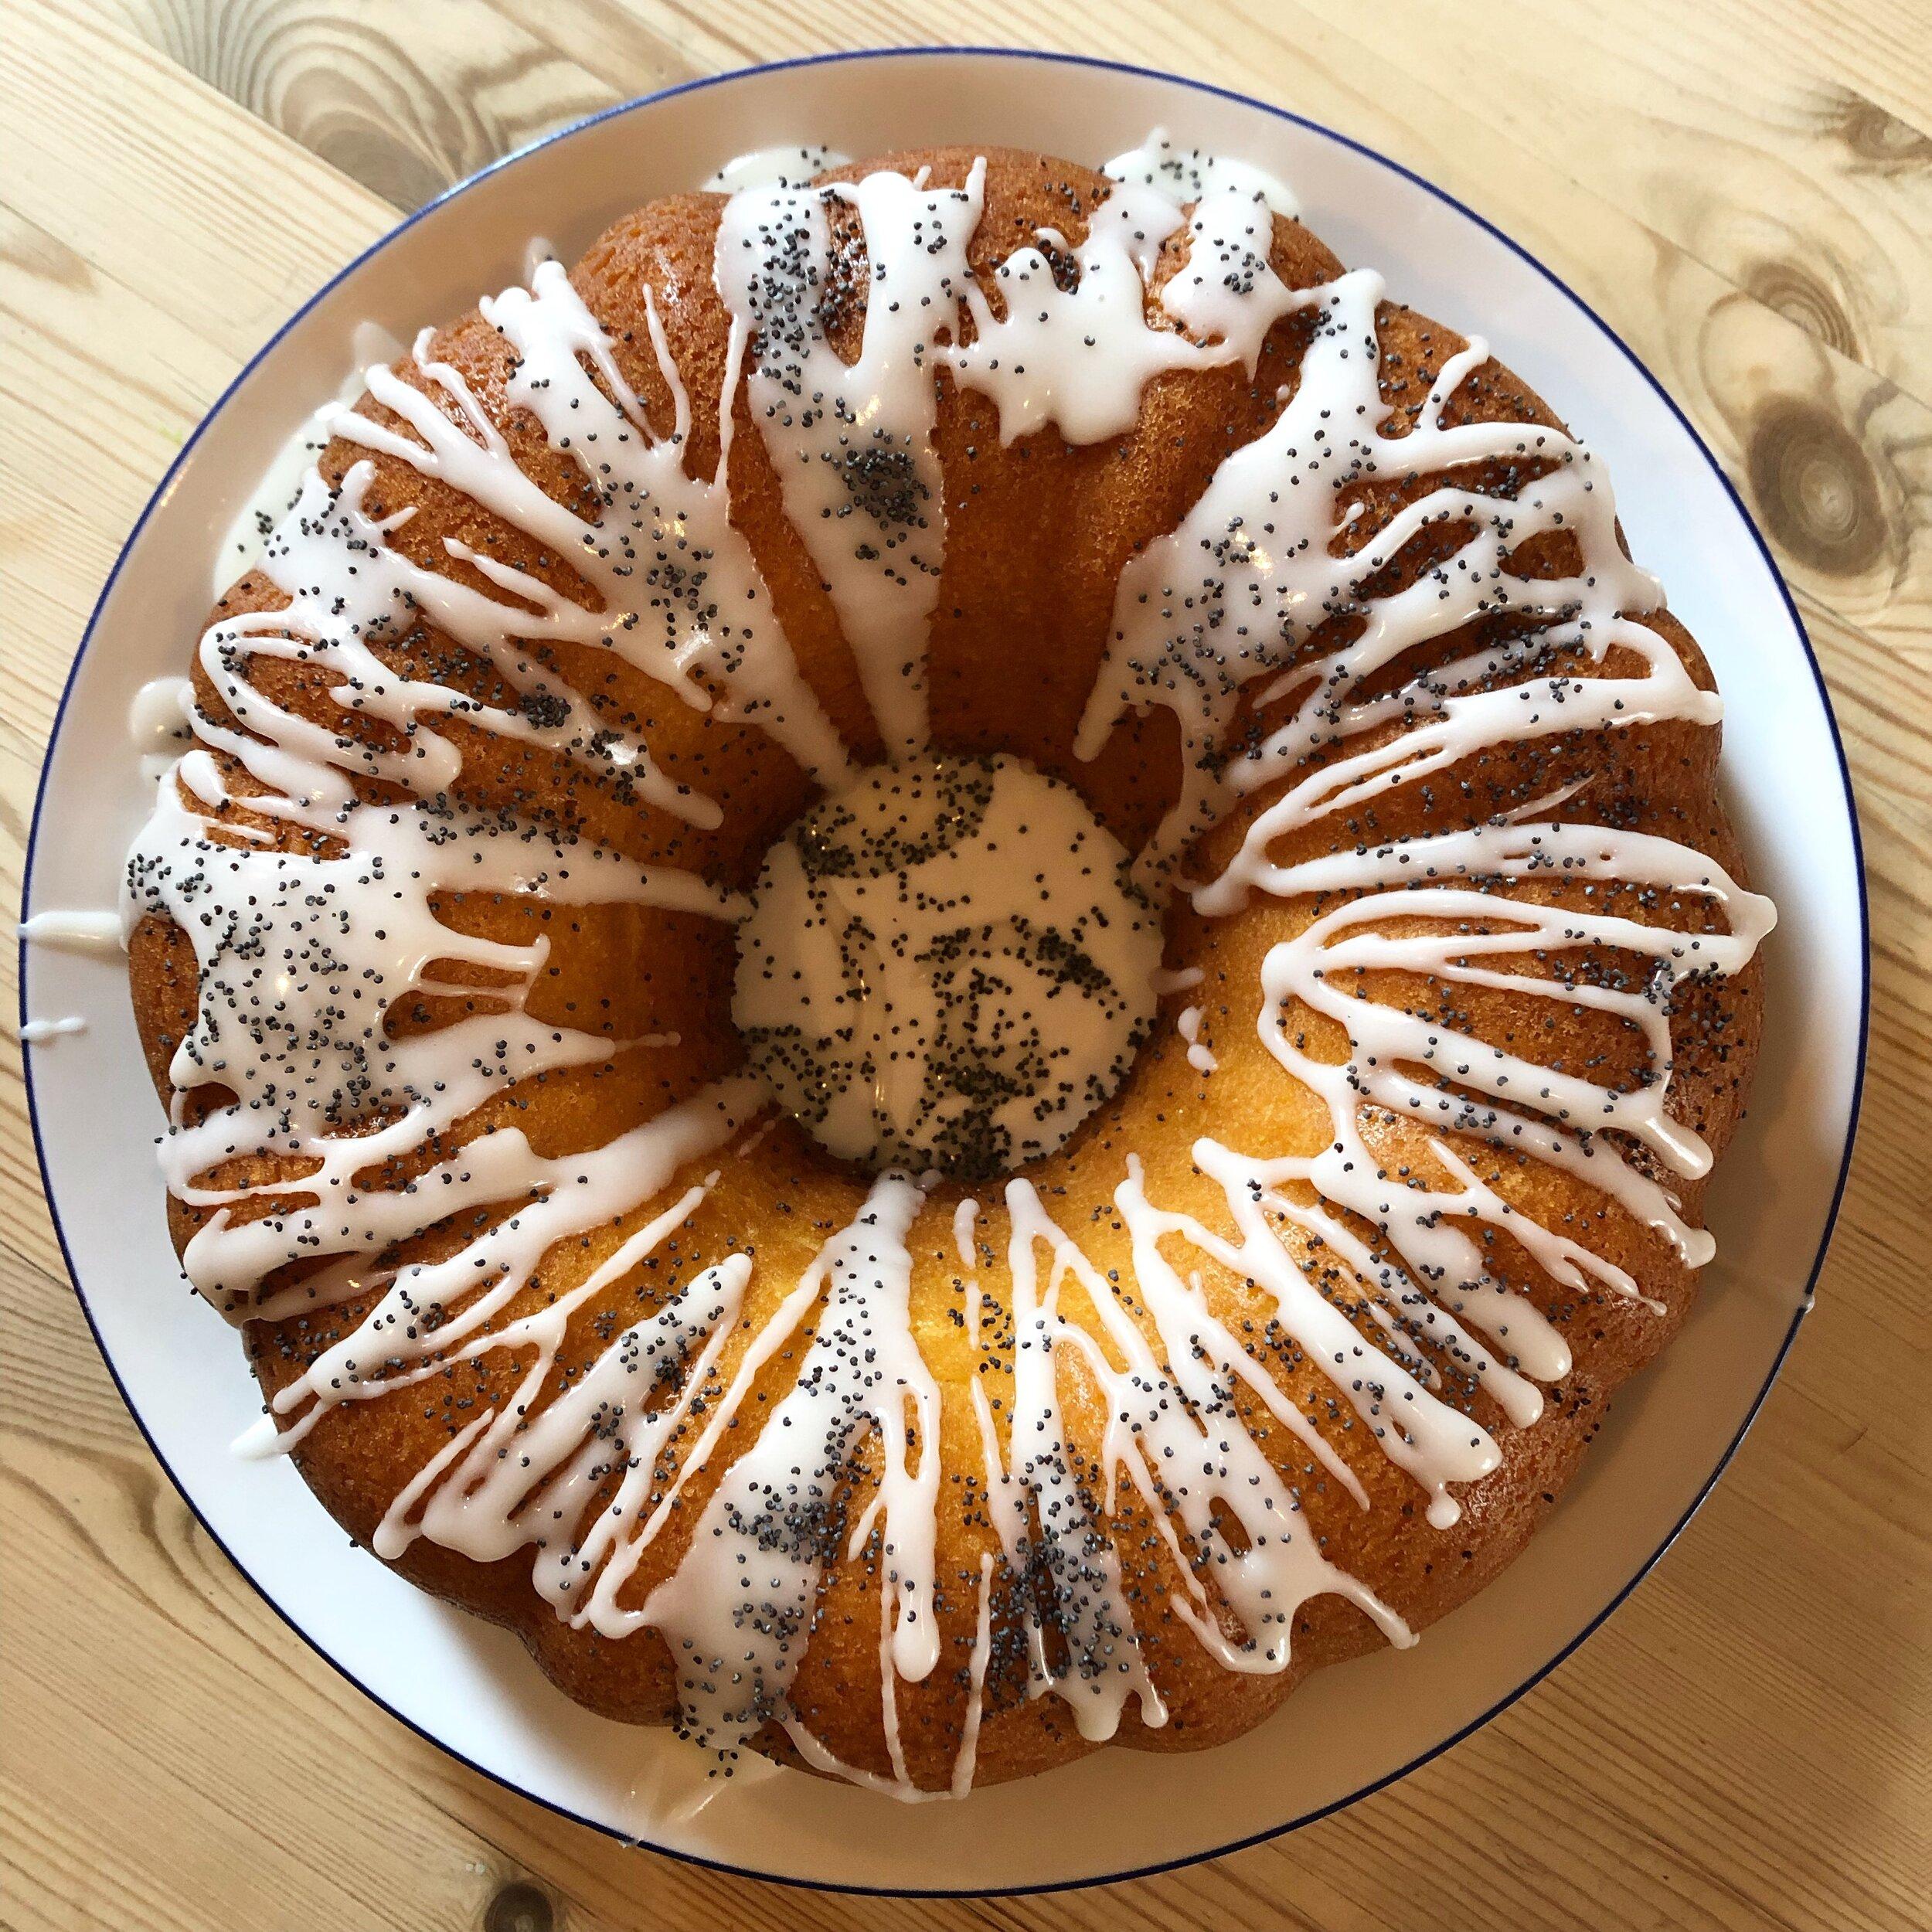 Lemon & Poppy Seed Bundt Cake